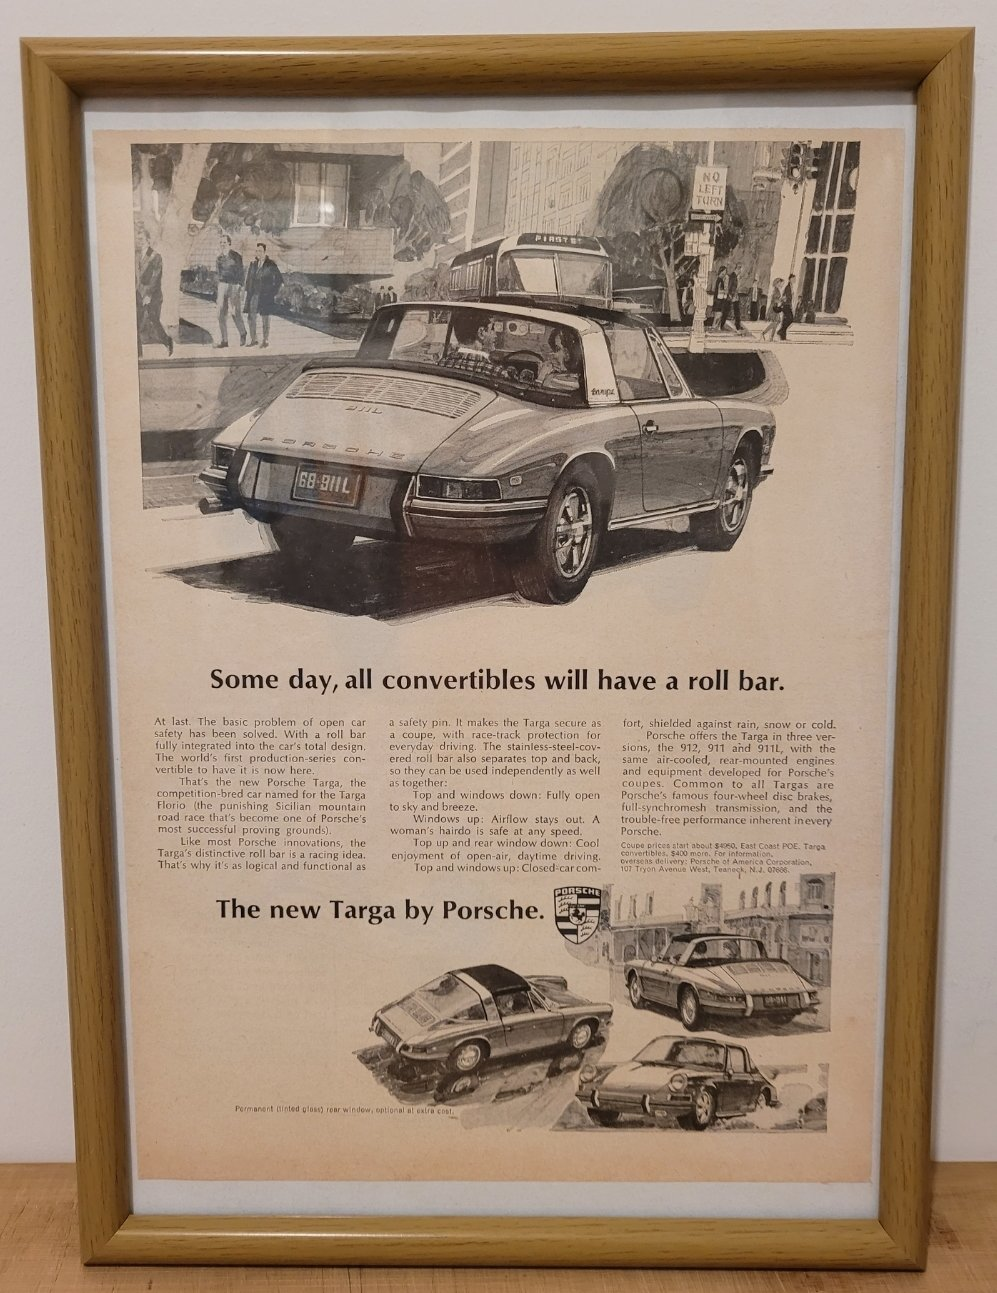 Picture of 1976 Original 1967 Porsche 911 Targa Framed Advert